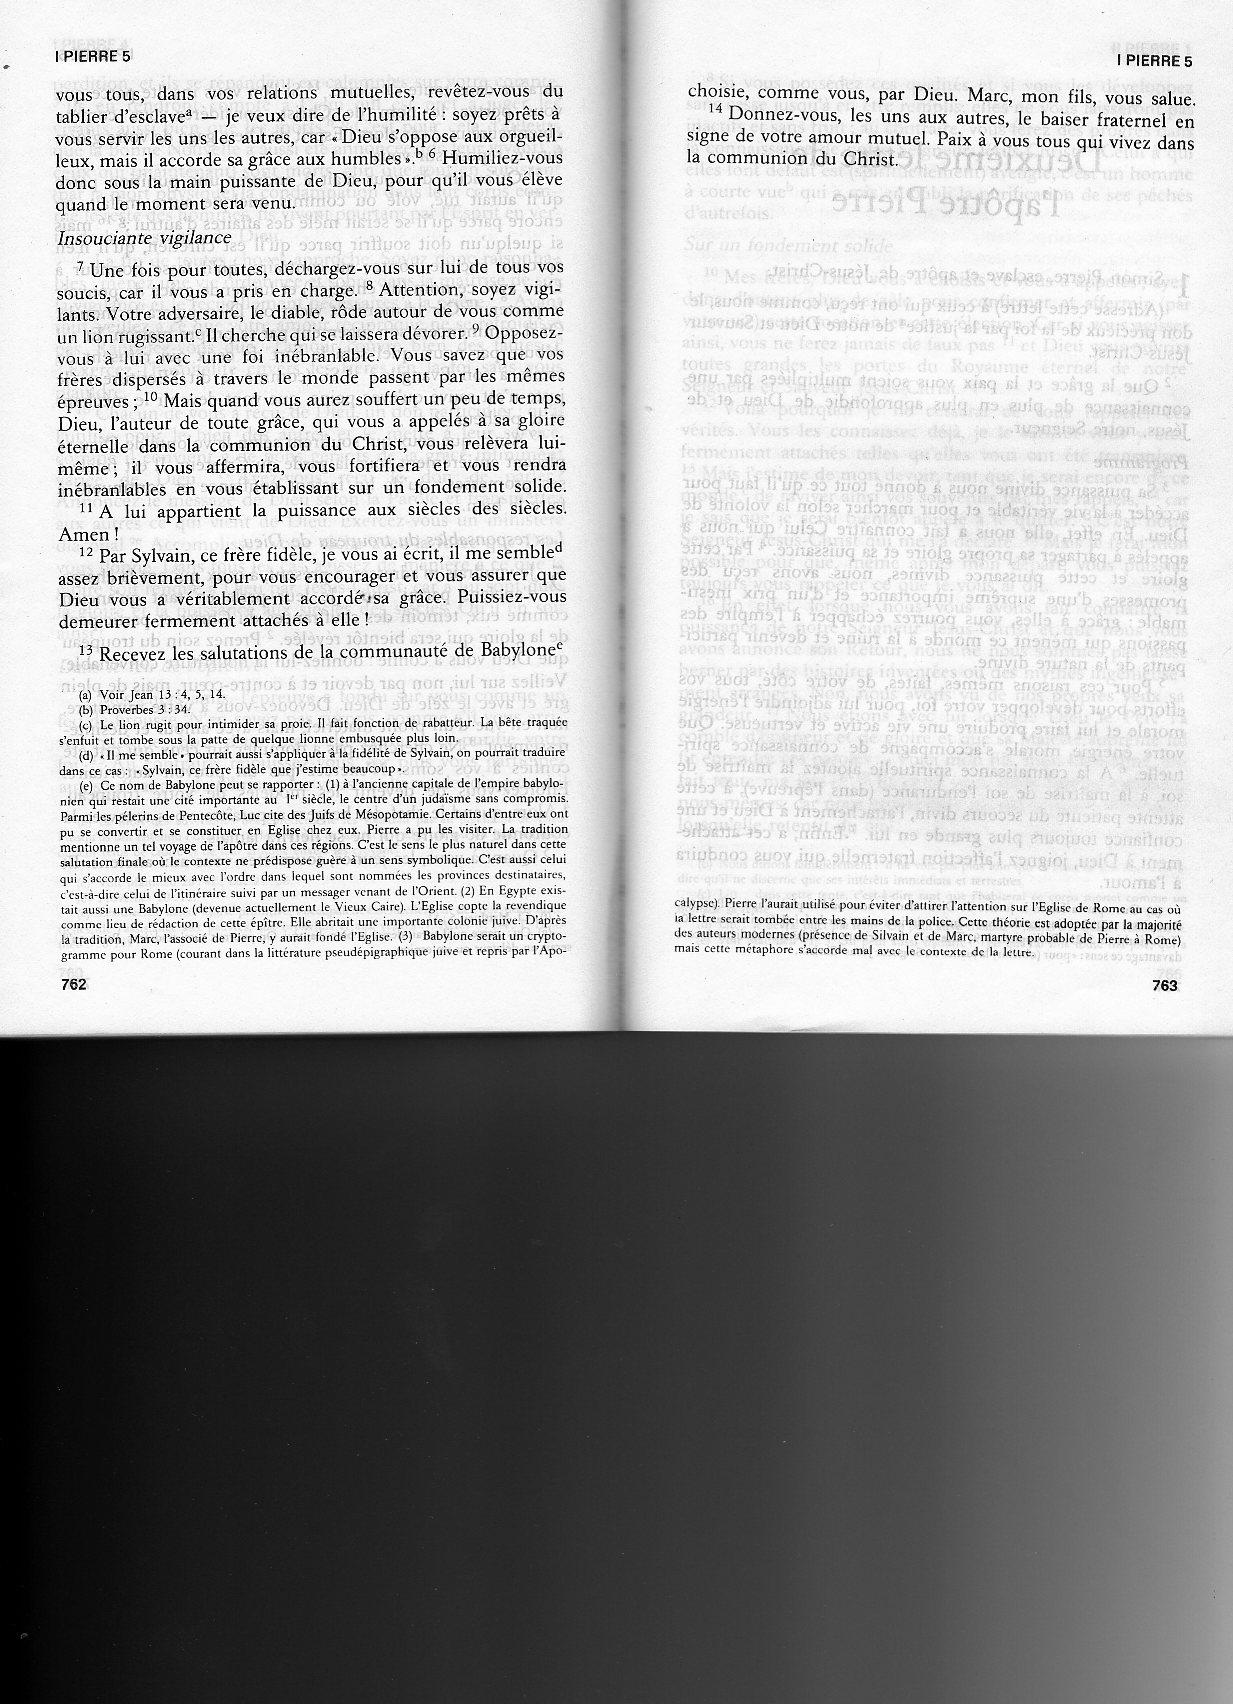 L'Eglise reste un lieu de prophéties, par Arnaud Dumouch - Page 4 Kuen-1-pierre-5-15109-578950b